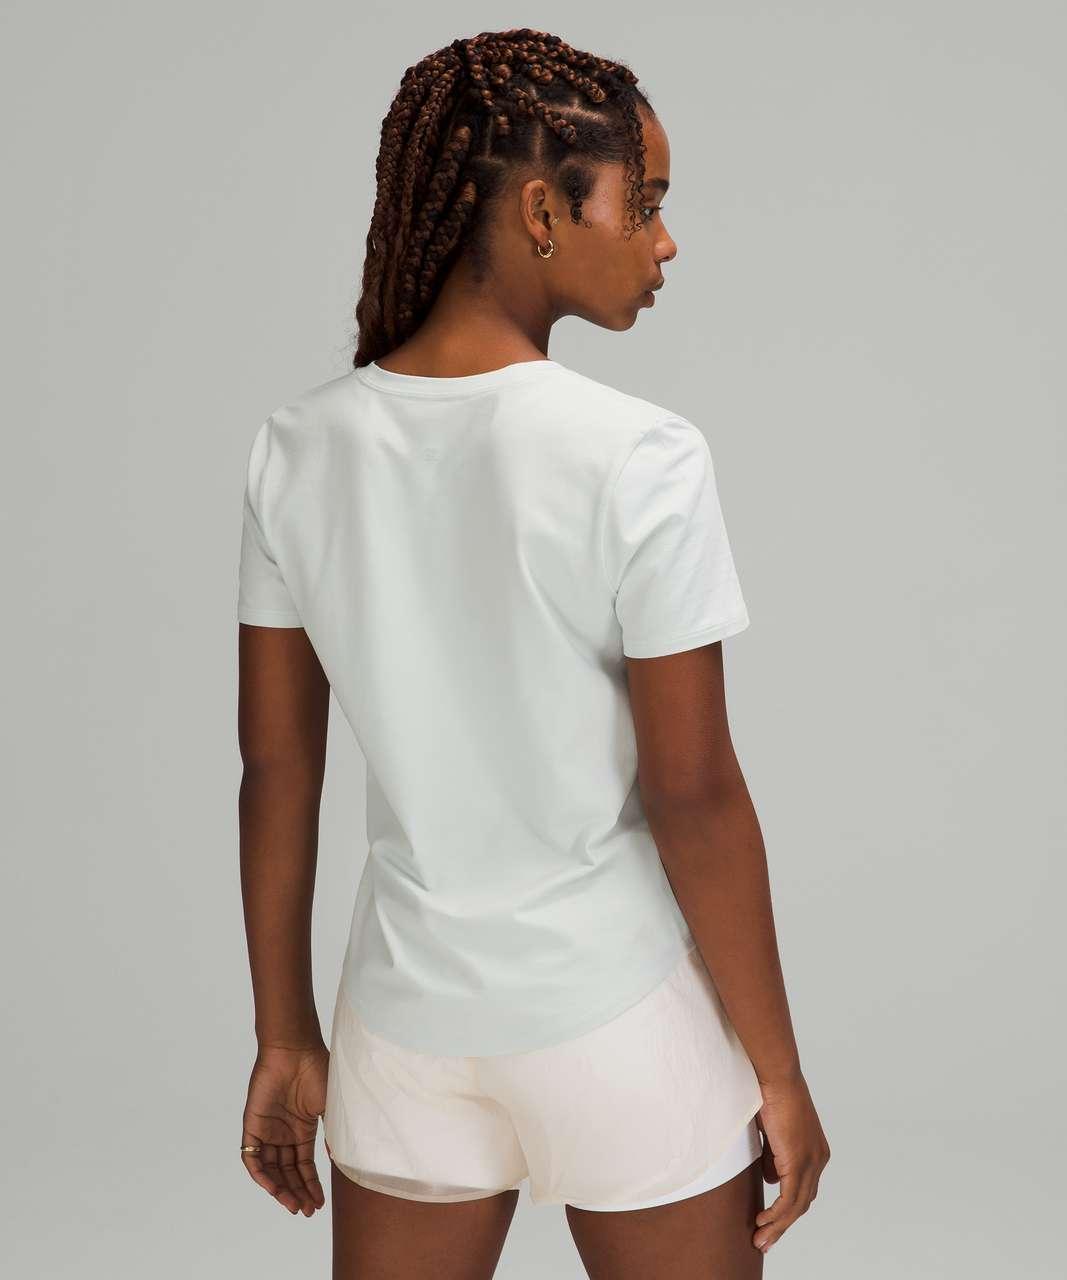 Lululemon Love Tee Short Sleeve V-Neck T-Shirt - Ocean Air